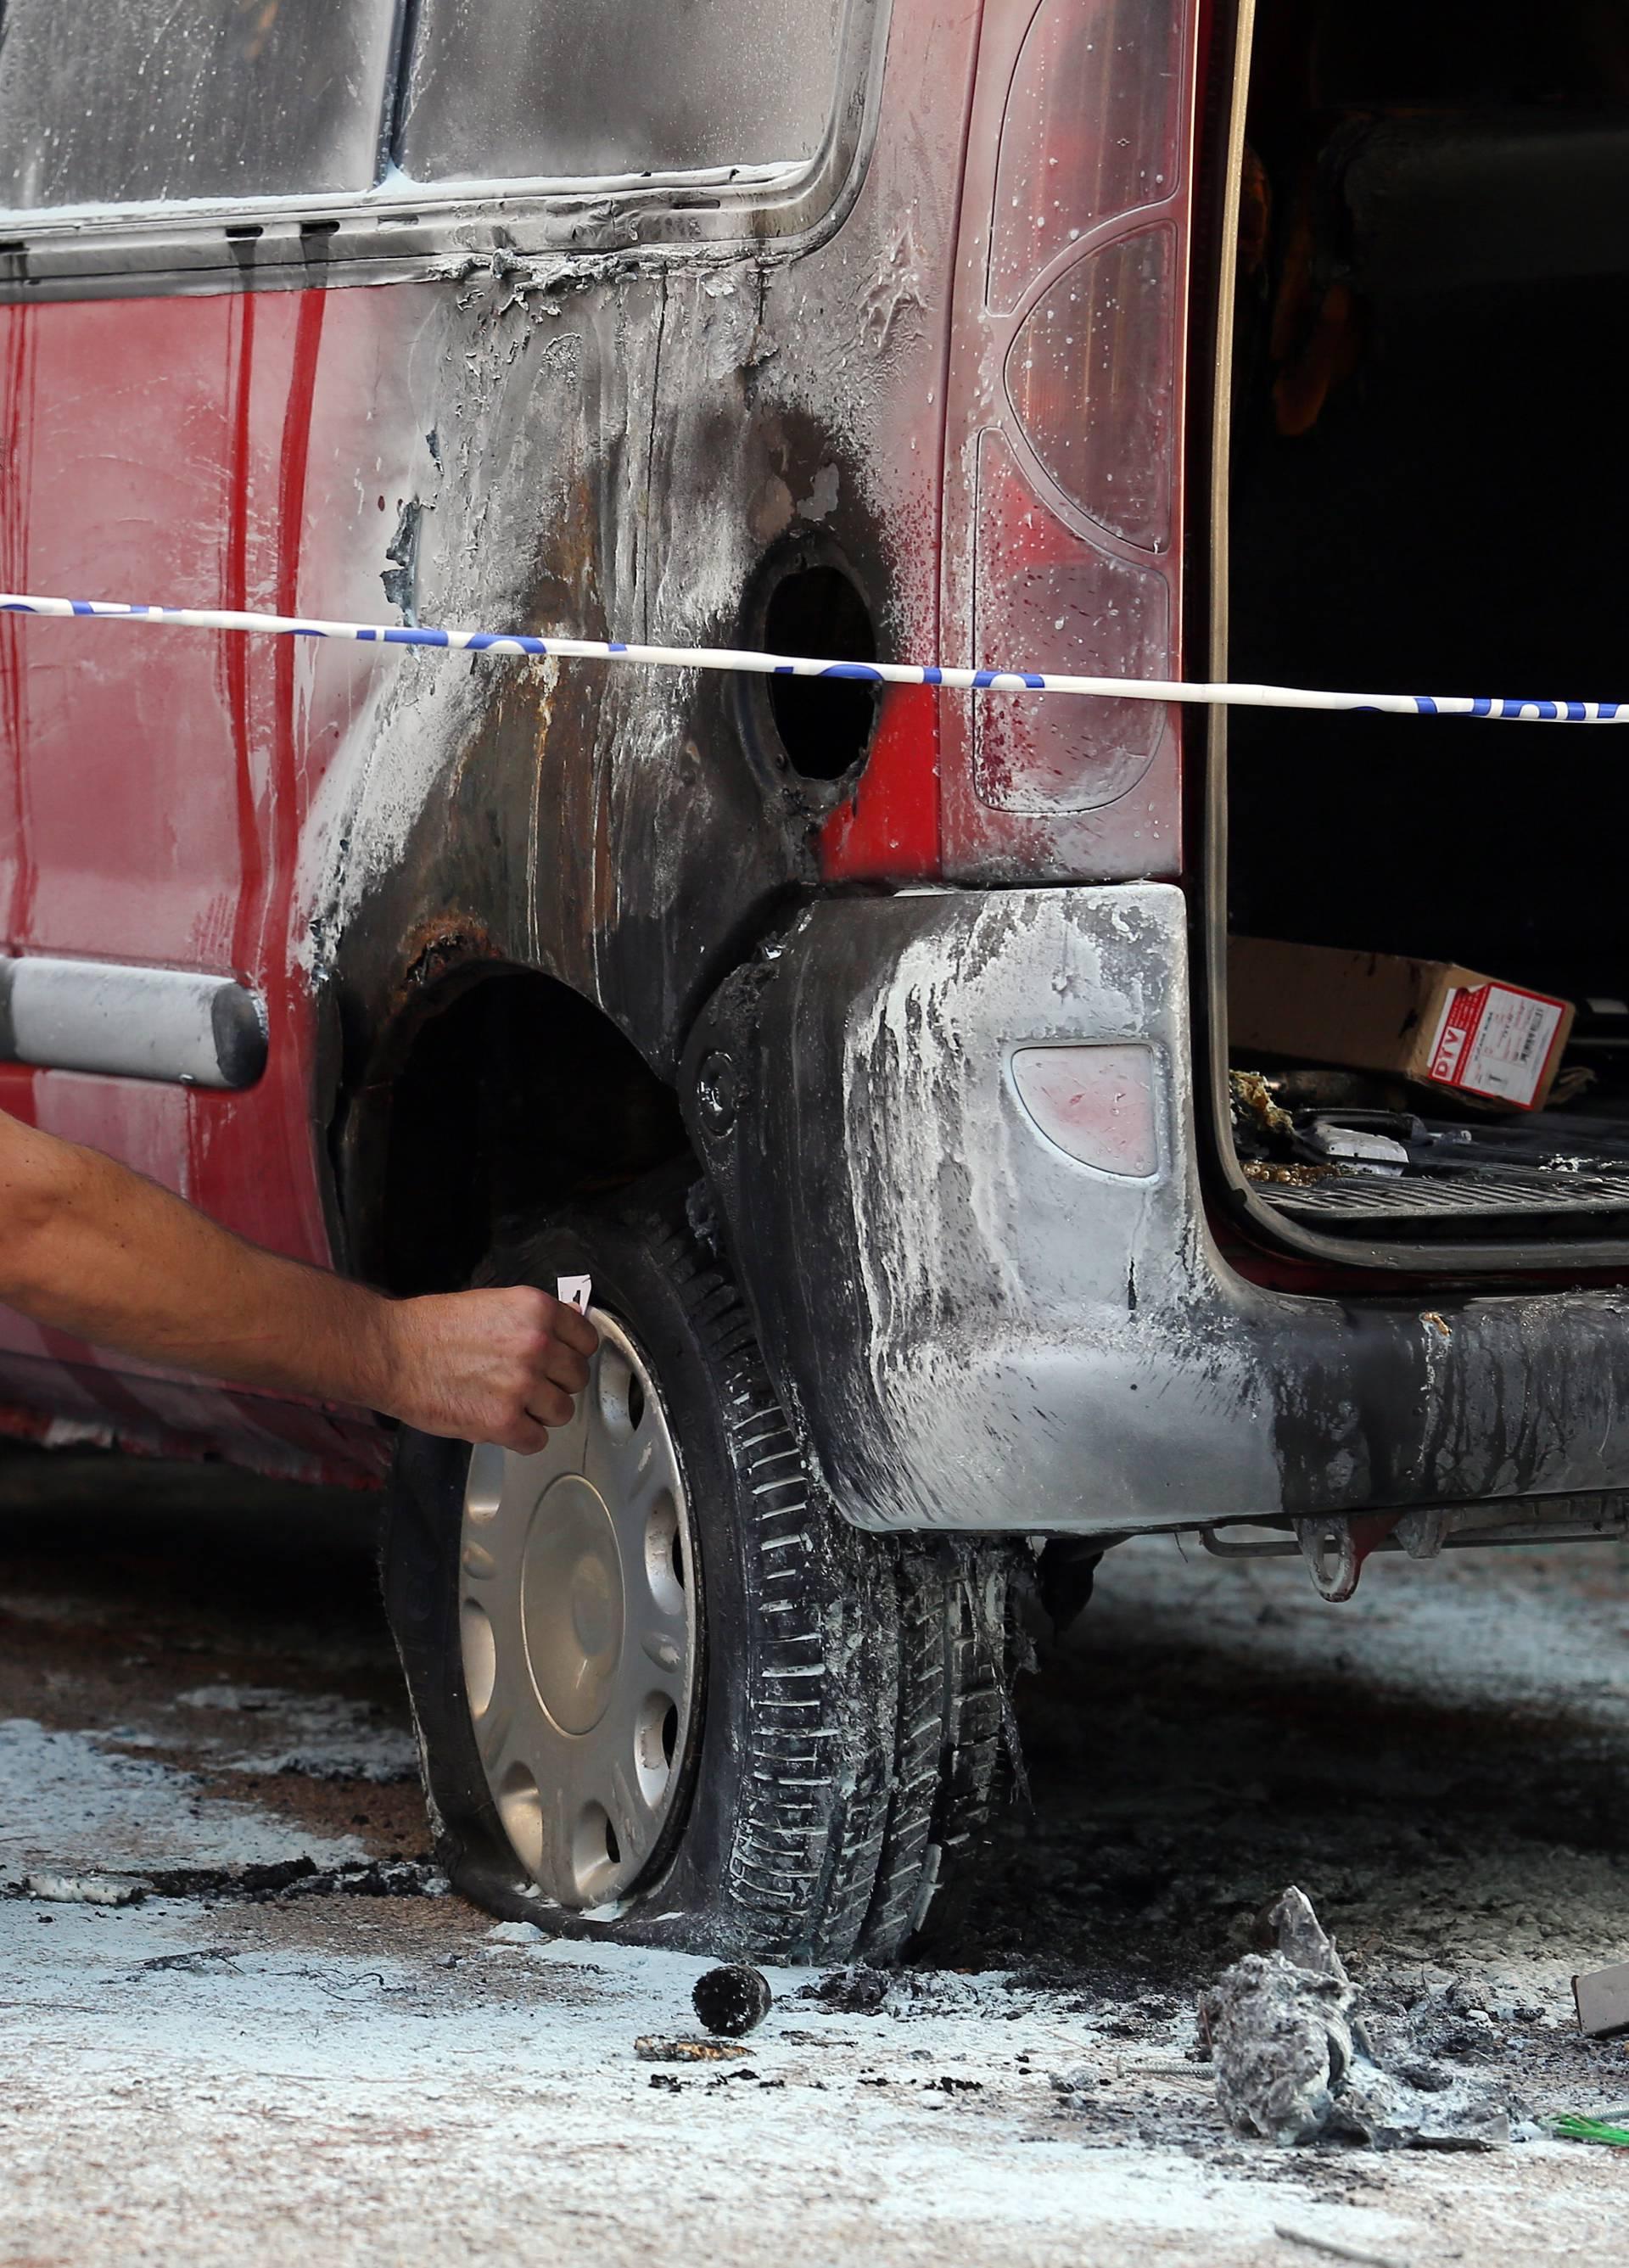 Maloljetnici su tijekom noći  u Puli podmetnuli čak pet požara